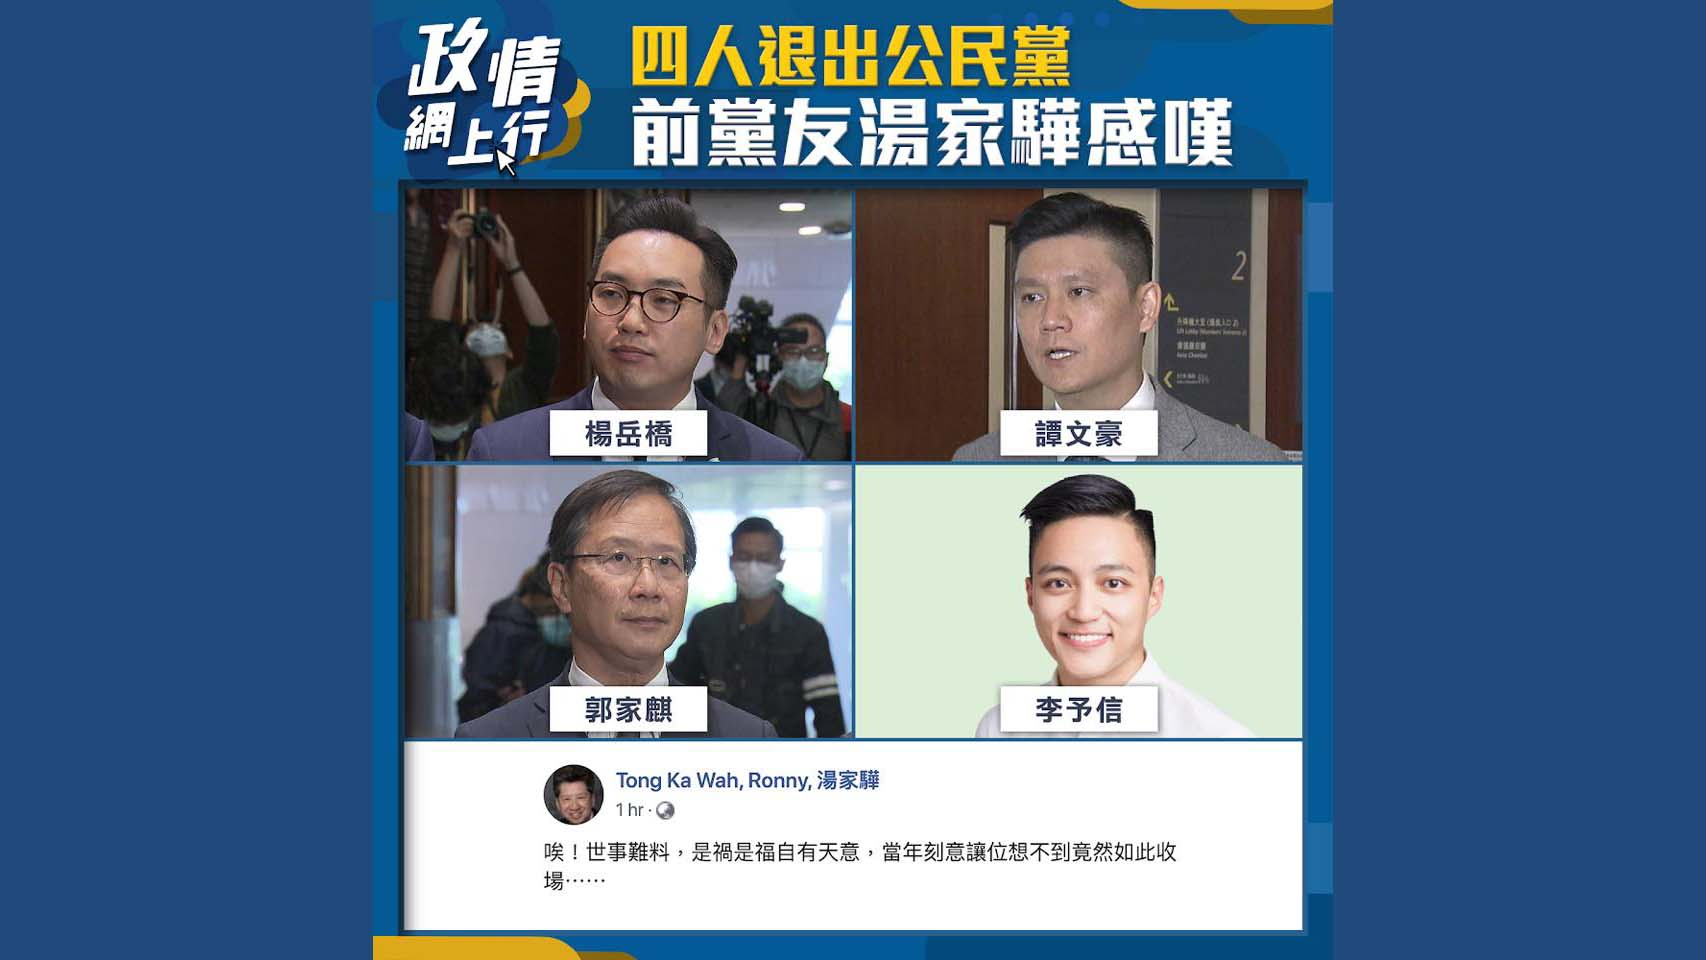 【政情網上行】四人退出公民黨 前黨友湯家驊感嘆